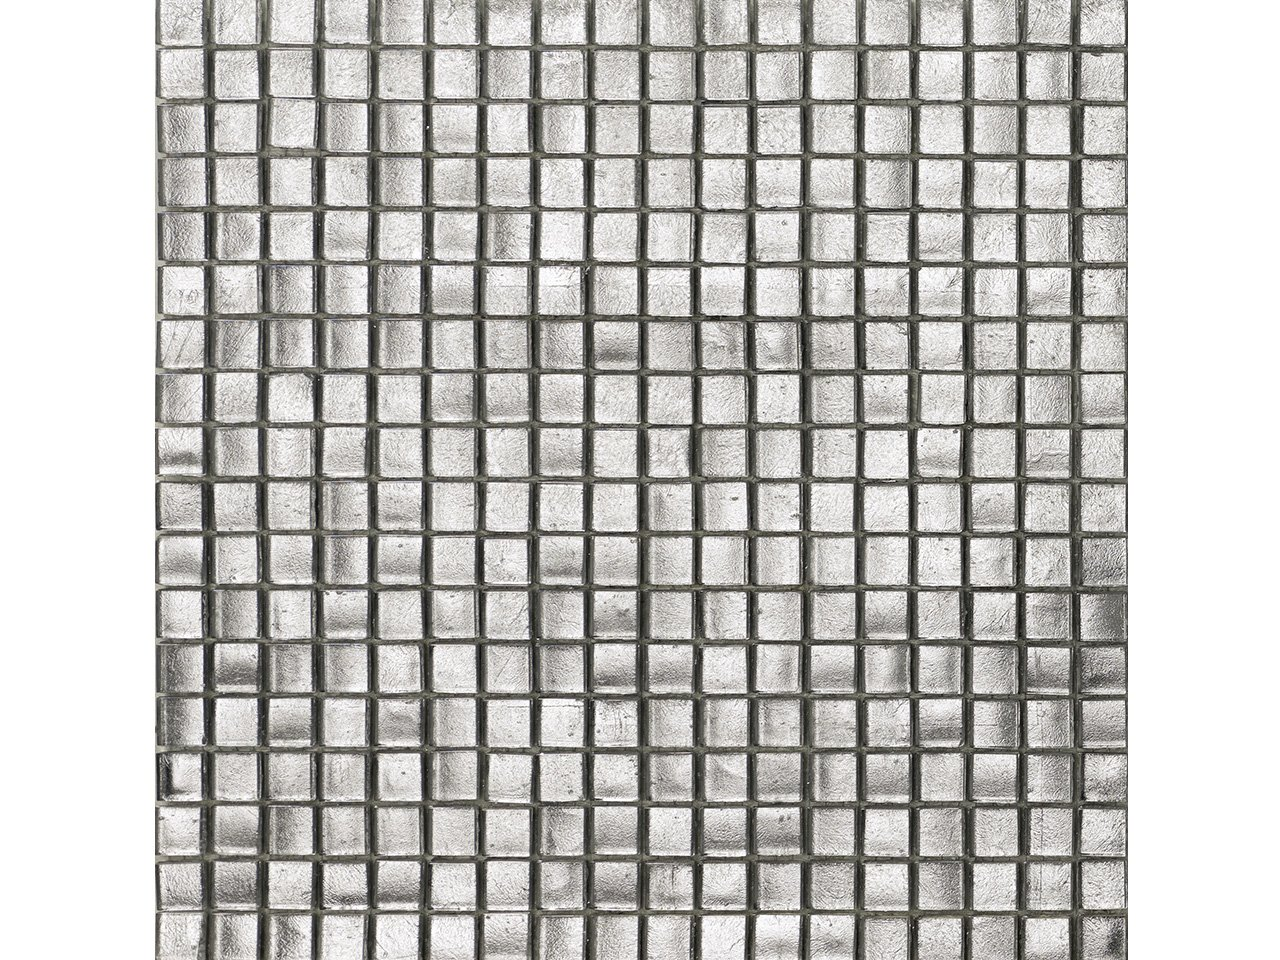 Mos vetro platinopuro iperceramica - Mosaico vetro bagno ...